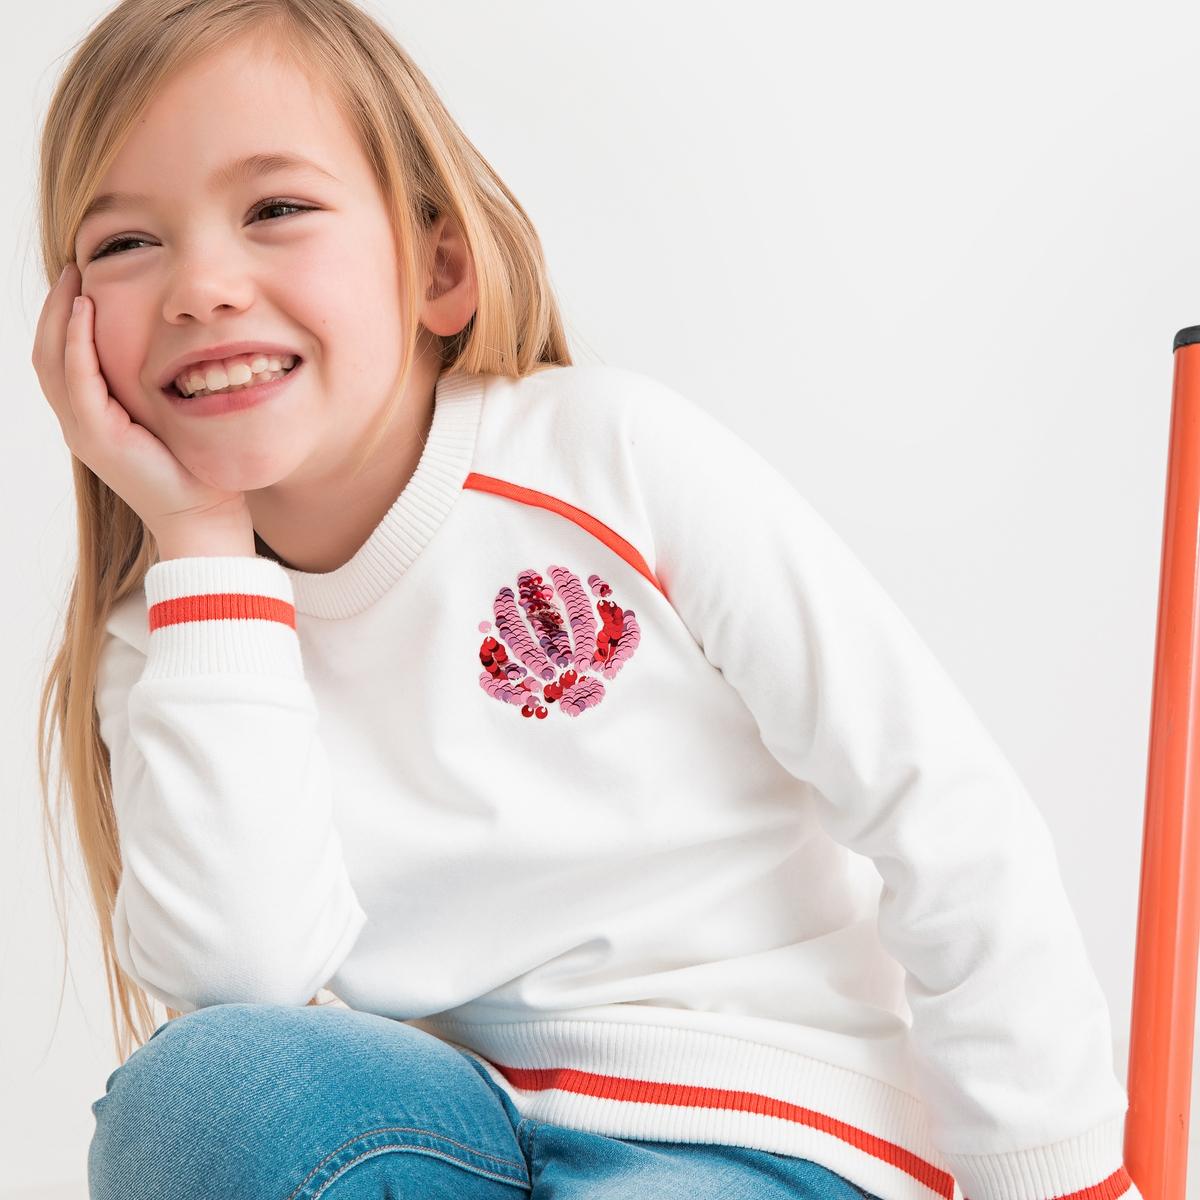 Свитшот La Redoute С круглым вырезом и рисунком с блестками 3 года - 94 см бежевый футболка la redoute с круглым вырезом и принтом спереди 3 года 94 см серый